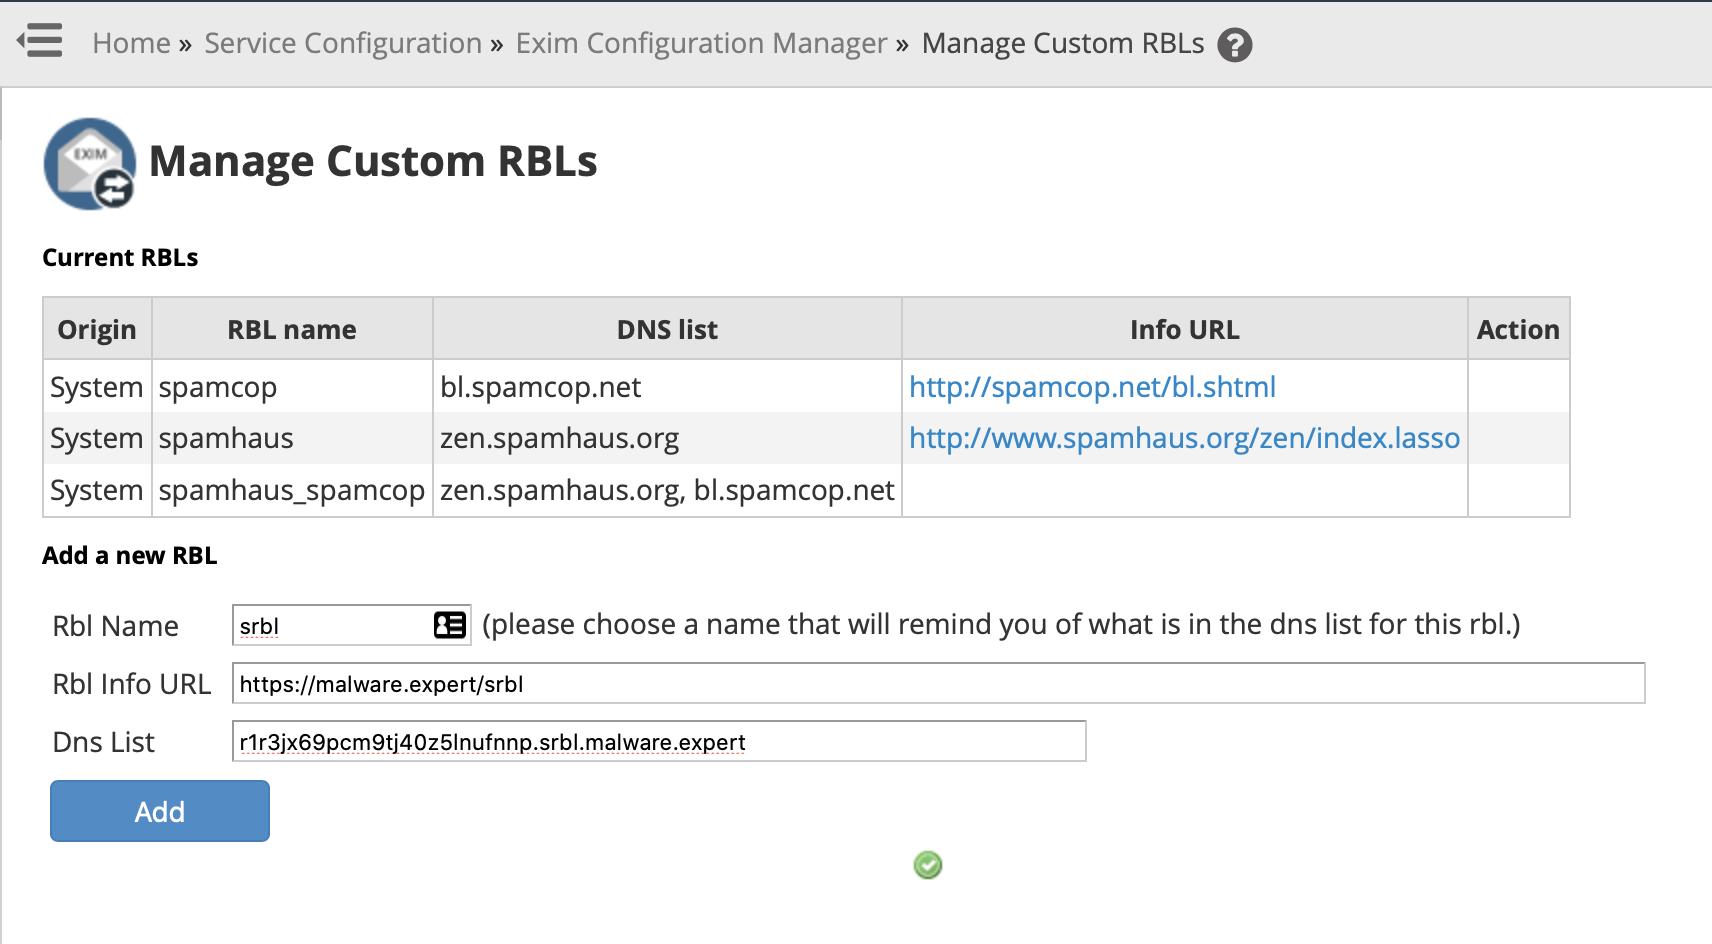 Manage Custom RBLs